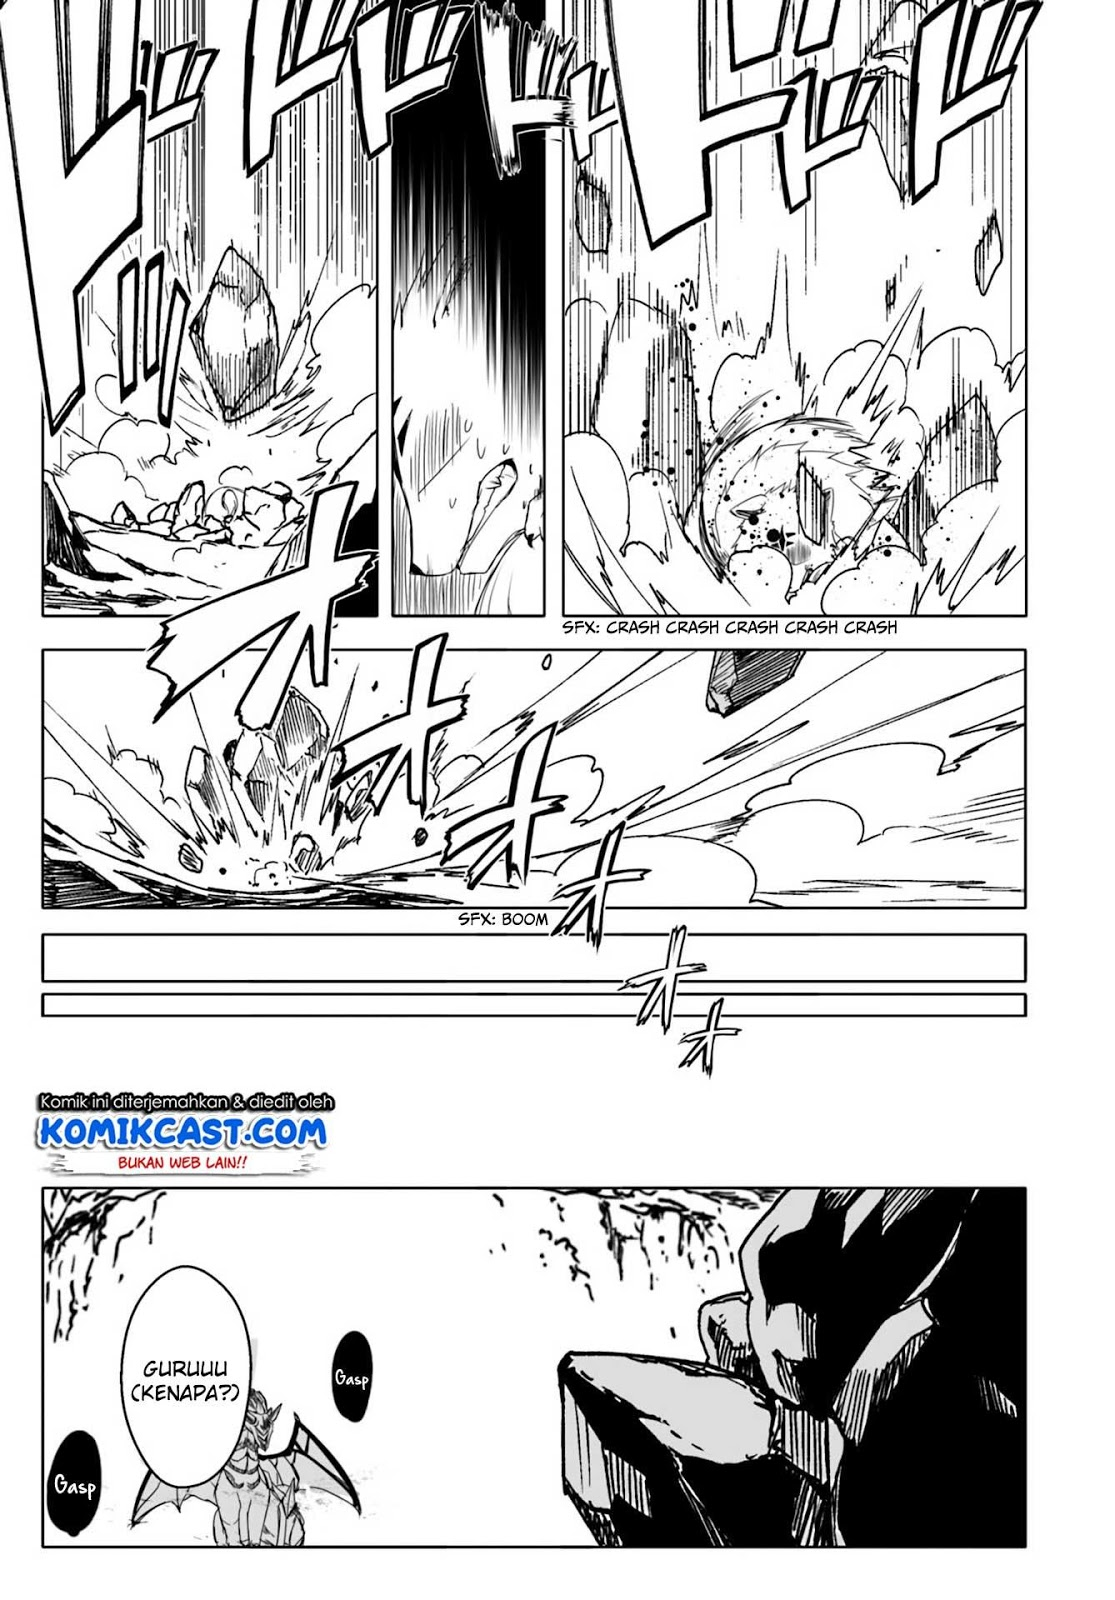 Wanwan Monogatari: Kanemochi no Inu ni Shite to wa Itta ga, Fenrir ni Shiro to wa Itte Nee!: Chapter 12.2 - Page 10